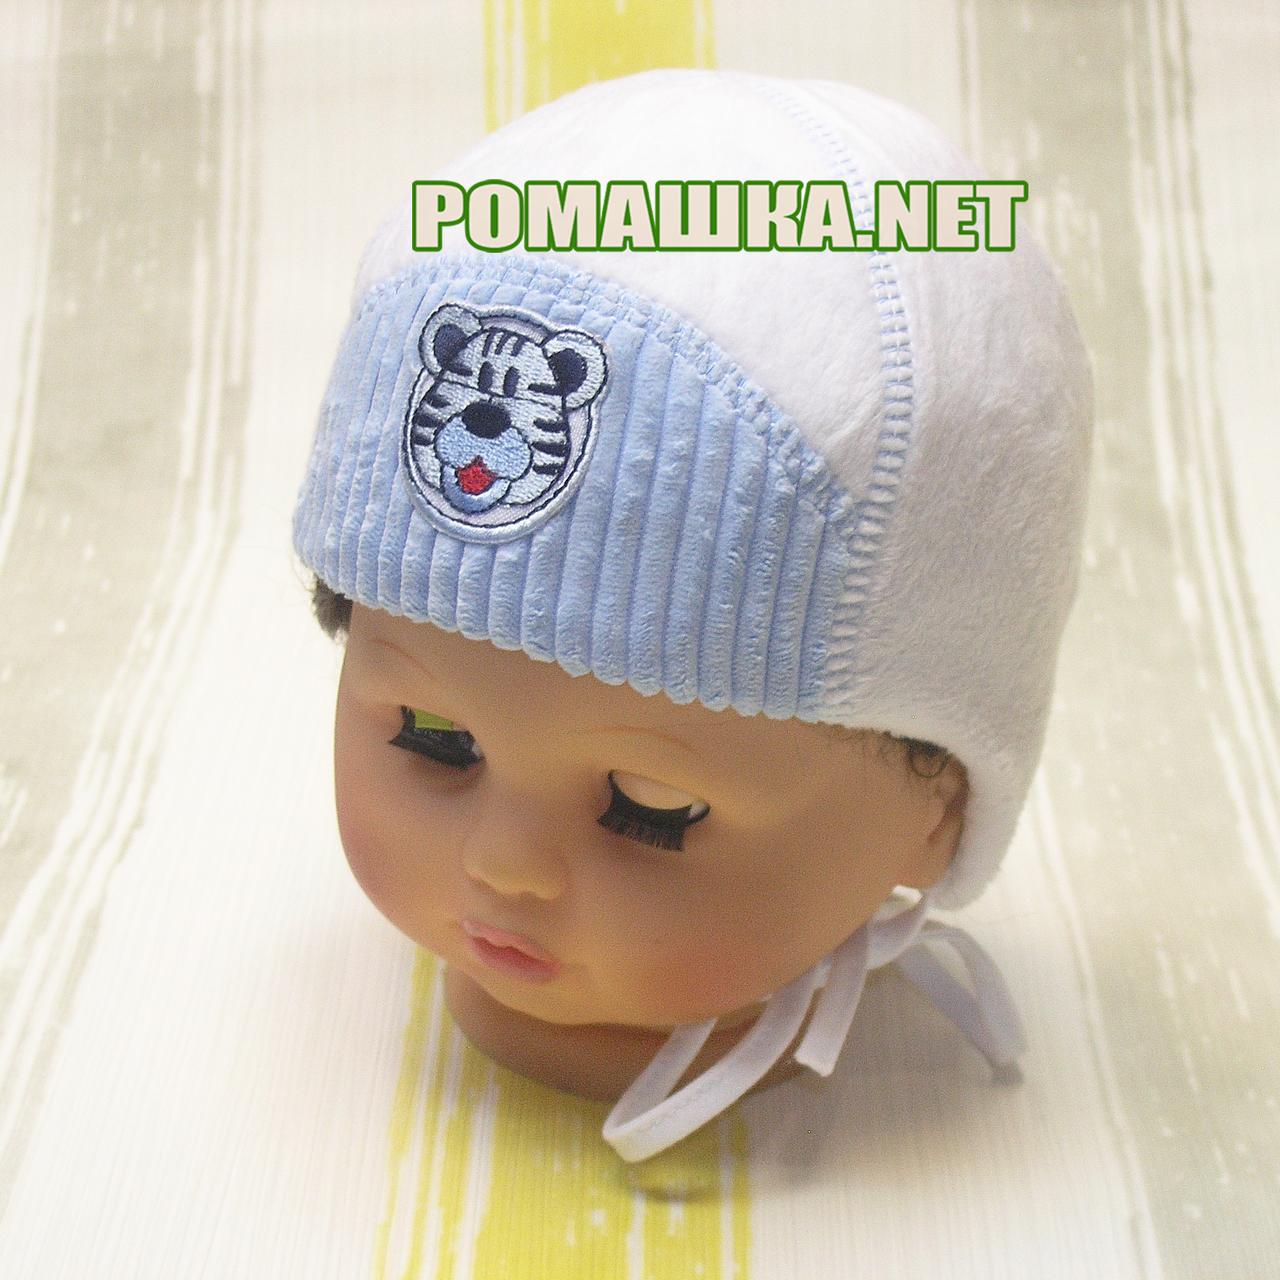 Детская зимняя термо шапочка на завязках р. 38 для новорожденного ТМ Мамина  мода 3250 Голубой c6130693a5701